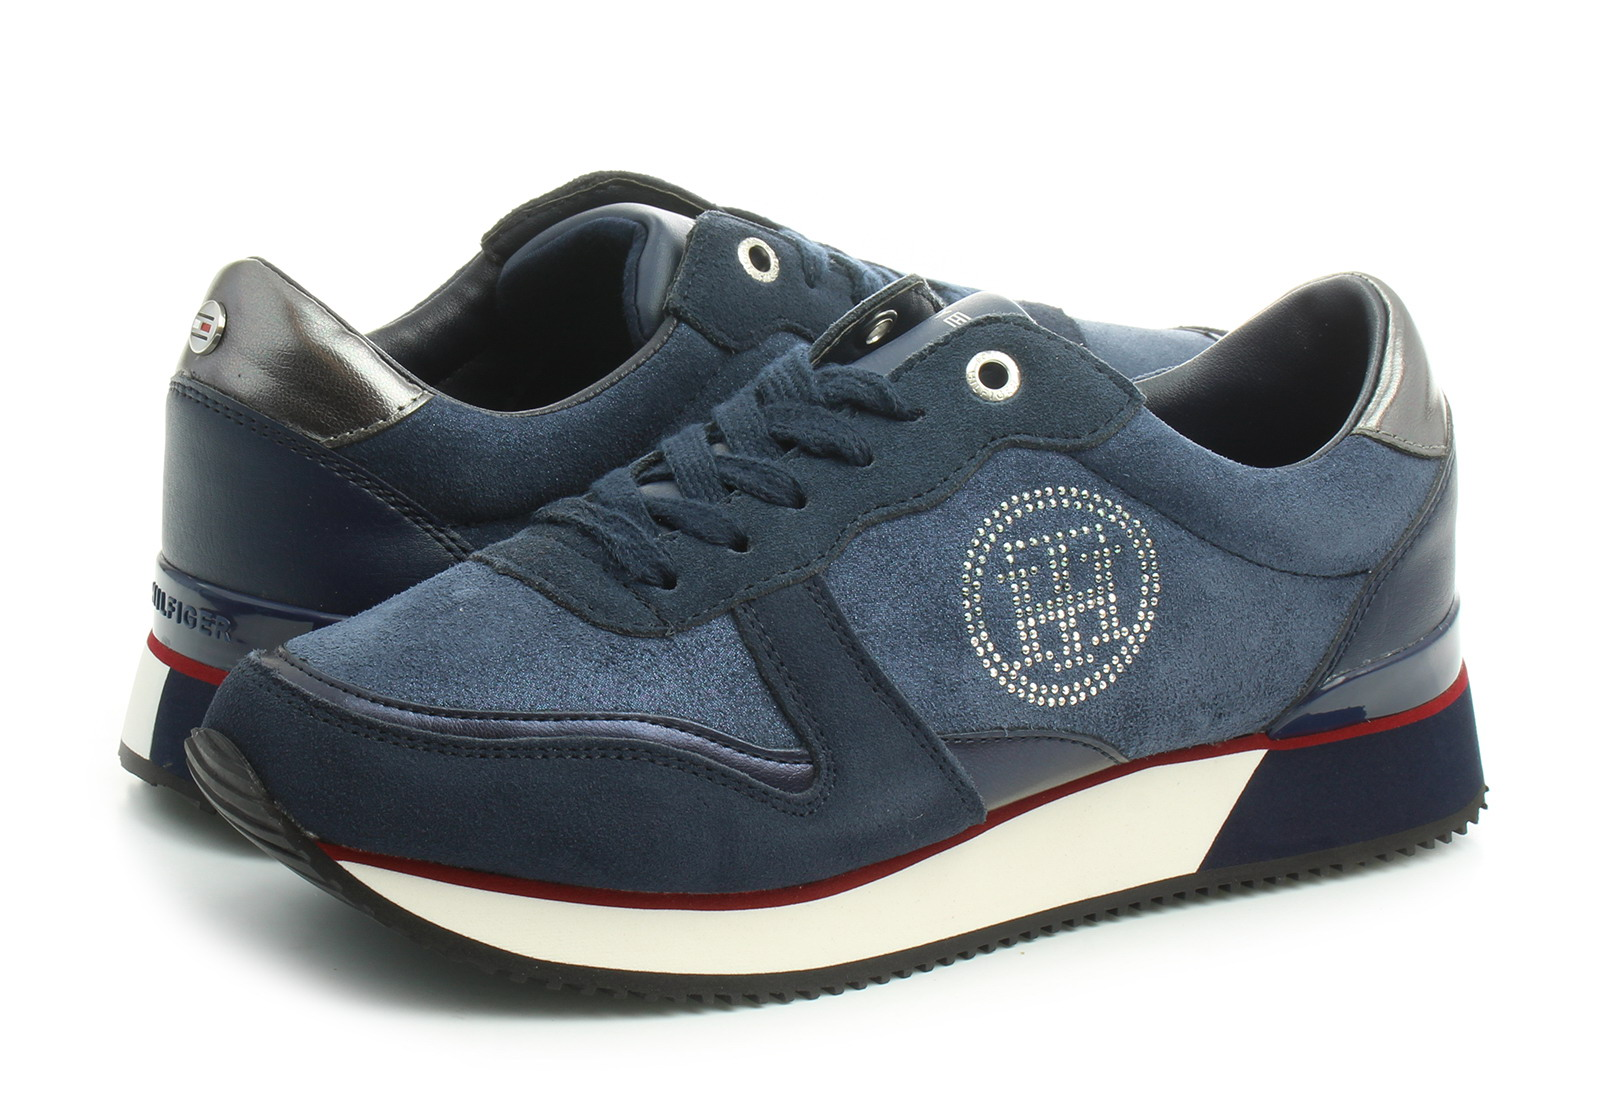 6751c0741c418 Tommy Hilfiger Niske Cipele Plave Cipele - Annie 2d - Office Shoes ...